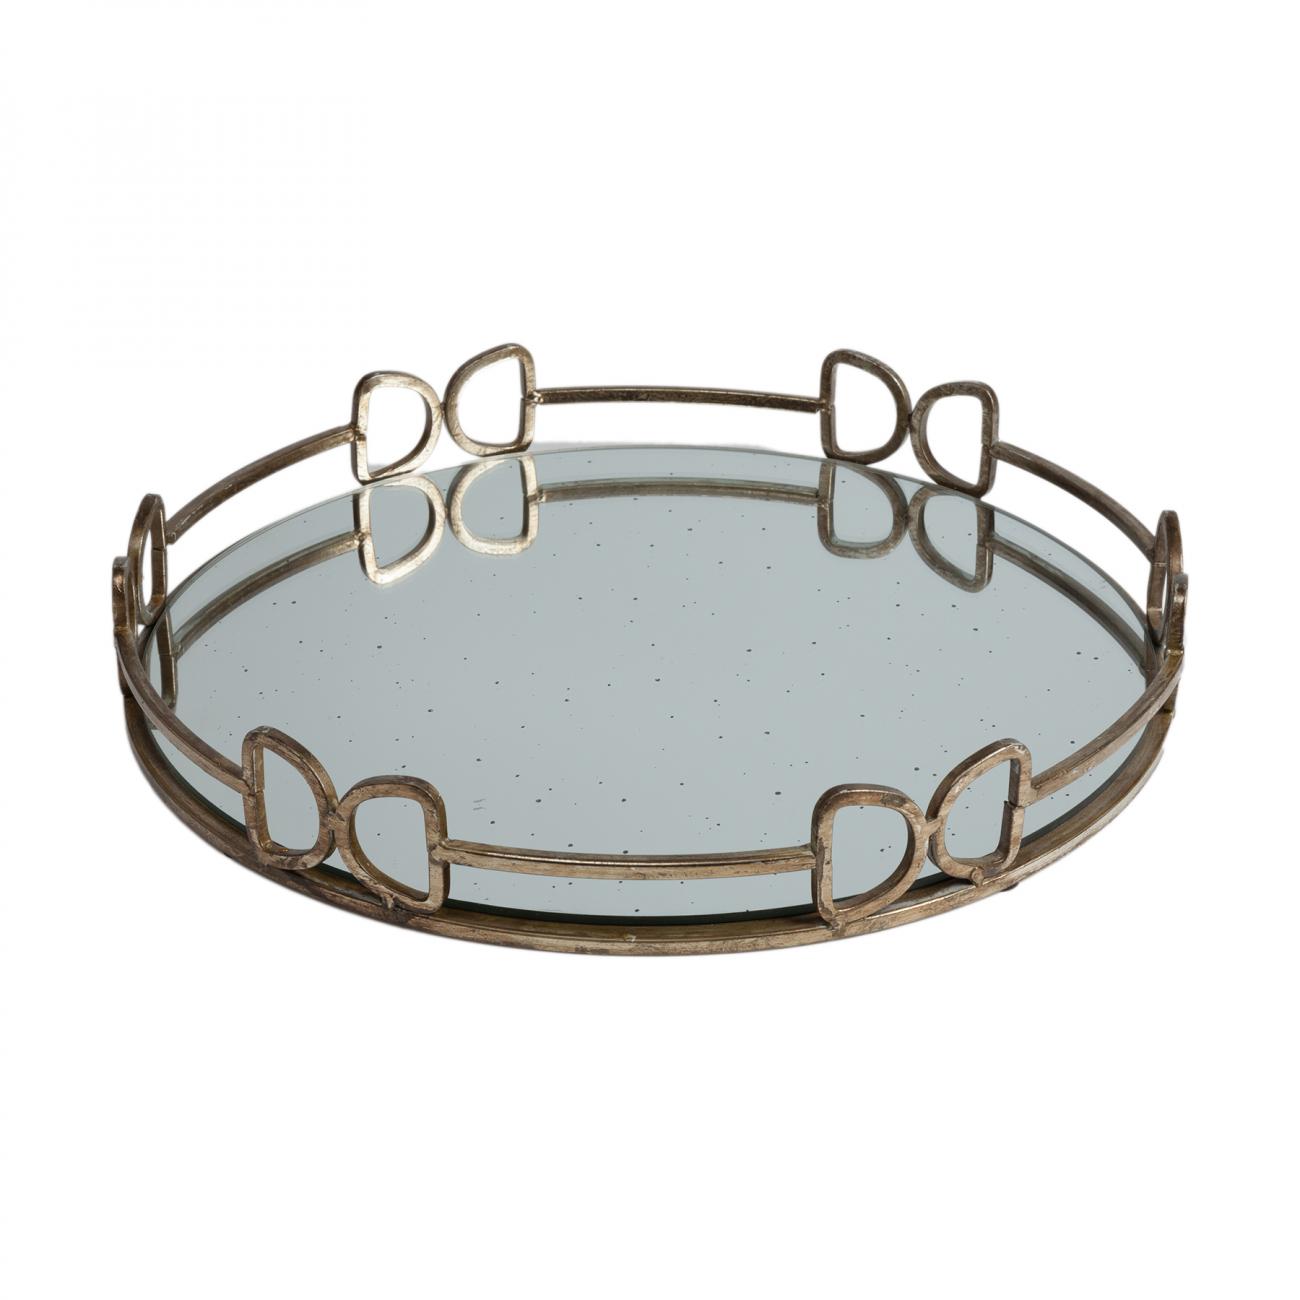 Купить Зеркальный поднос Brenna Круглый в интернет магазине дизайнерской мебели и аксессуаров для дома и дачи